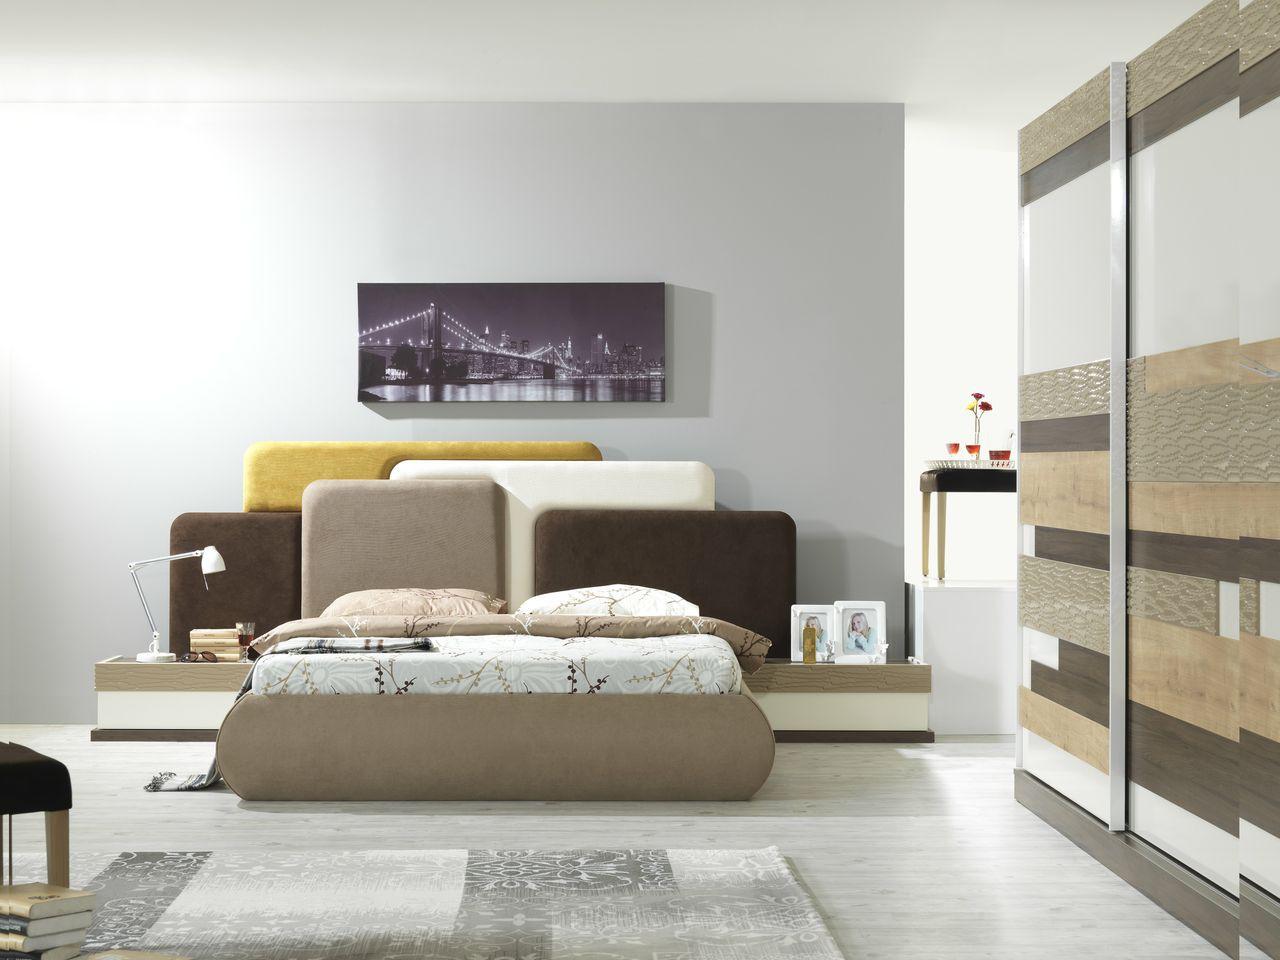 Slaapkamer zirve geheel naar eigen wens samen stellen kinderkamer kinderbed terrashaard en - Salontafel naar de slaapkamer ...